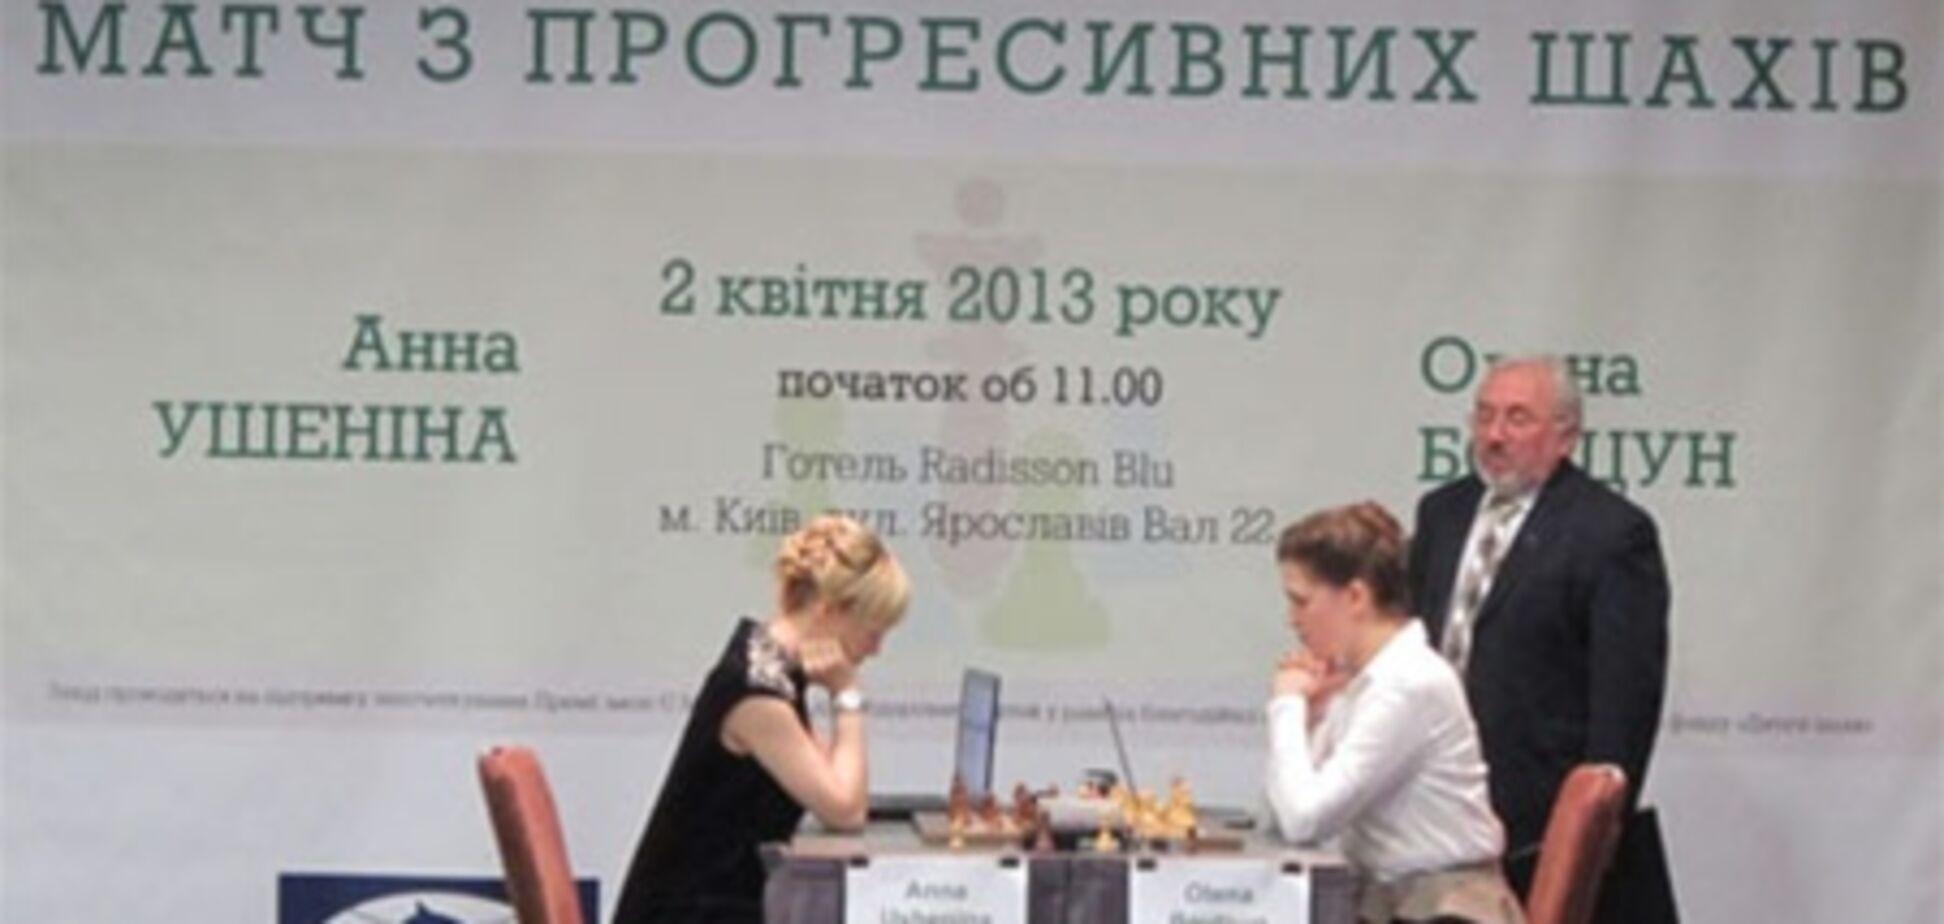 В Киеве состоялся уникальный шахматный матч